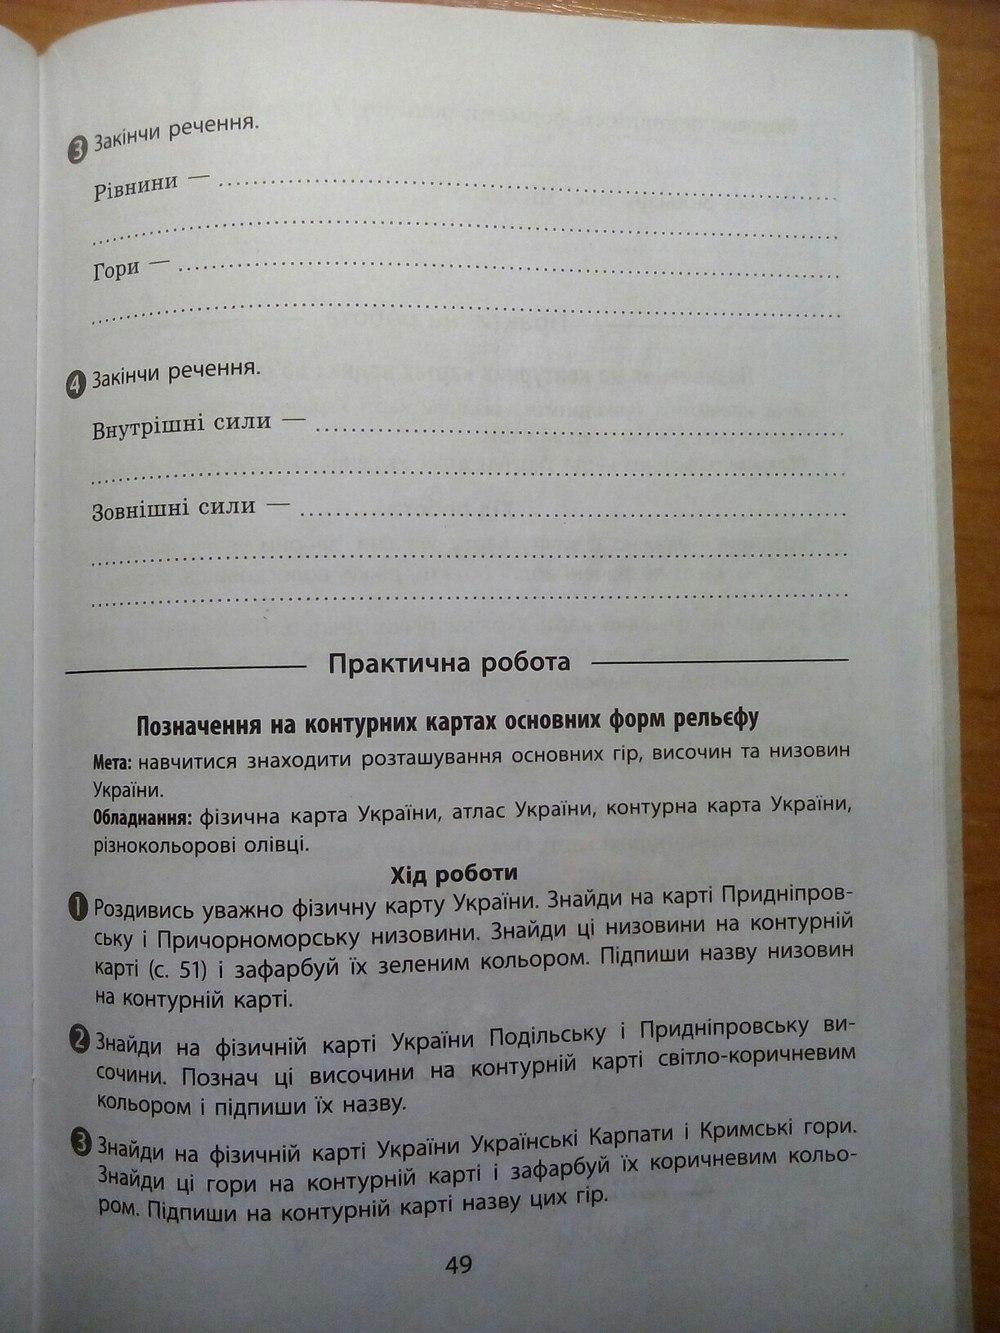 ГДЗ відповіді робочий зошит по биологии 5 класс. Задание: стр. 49